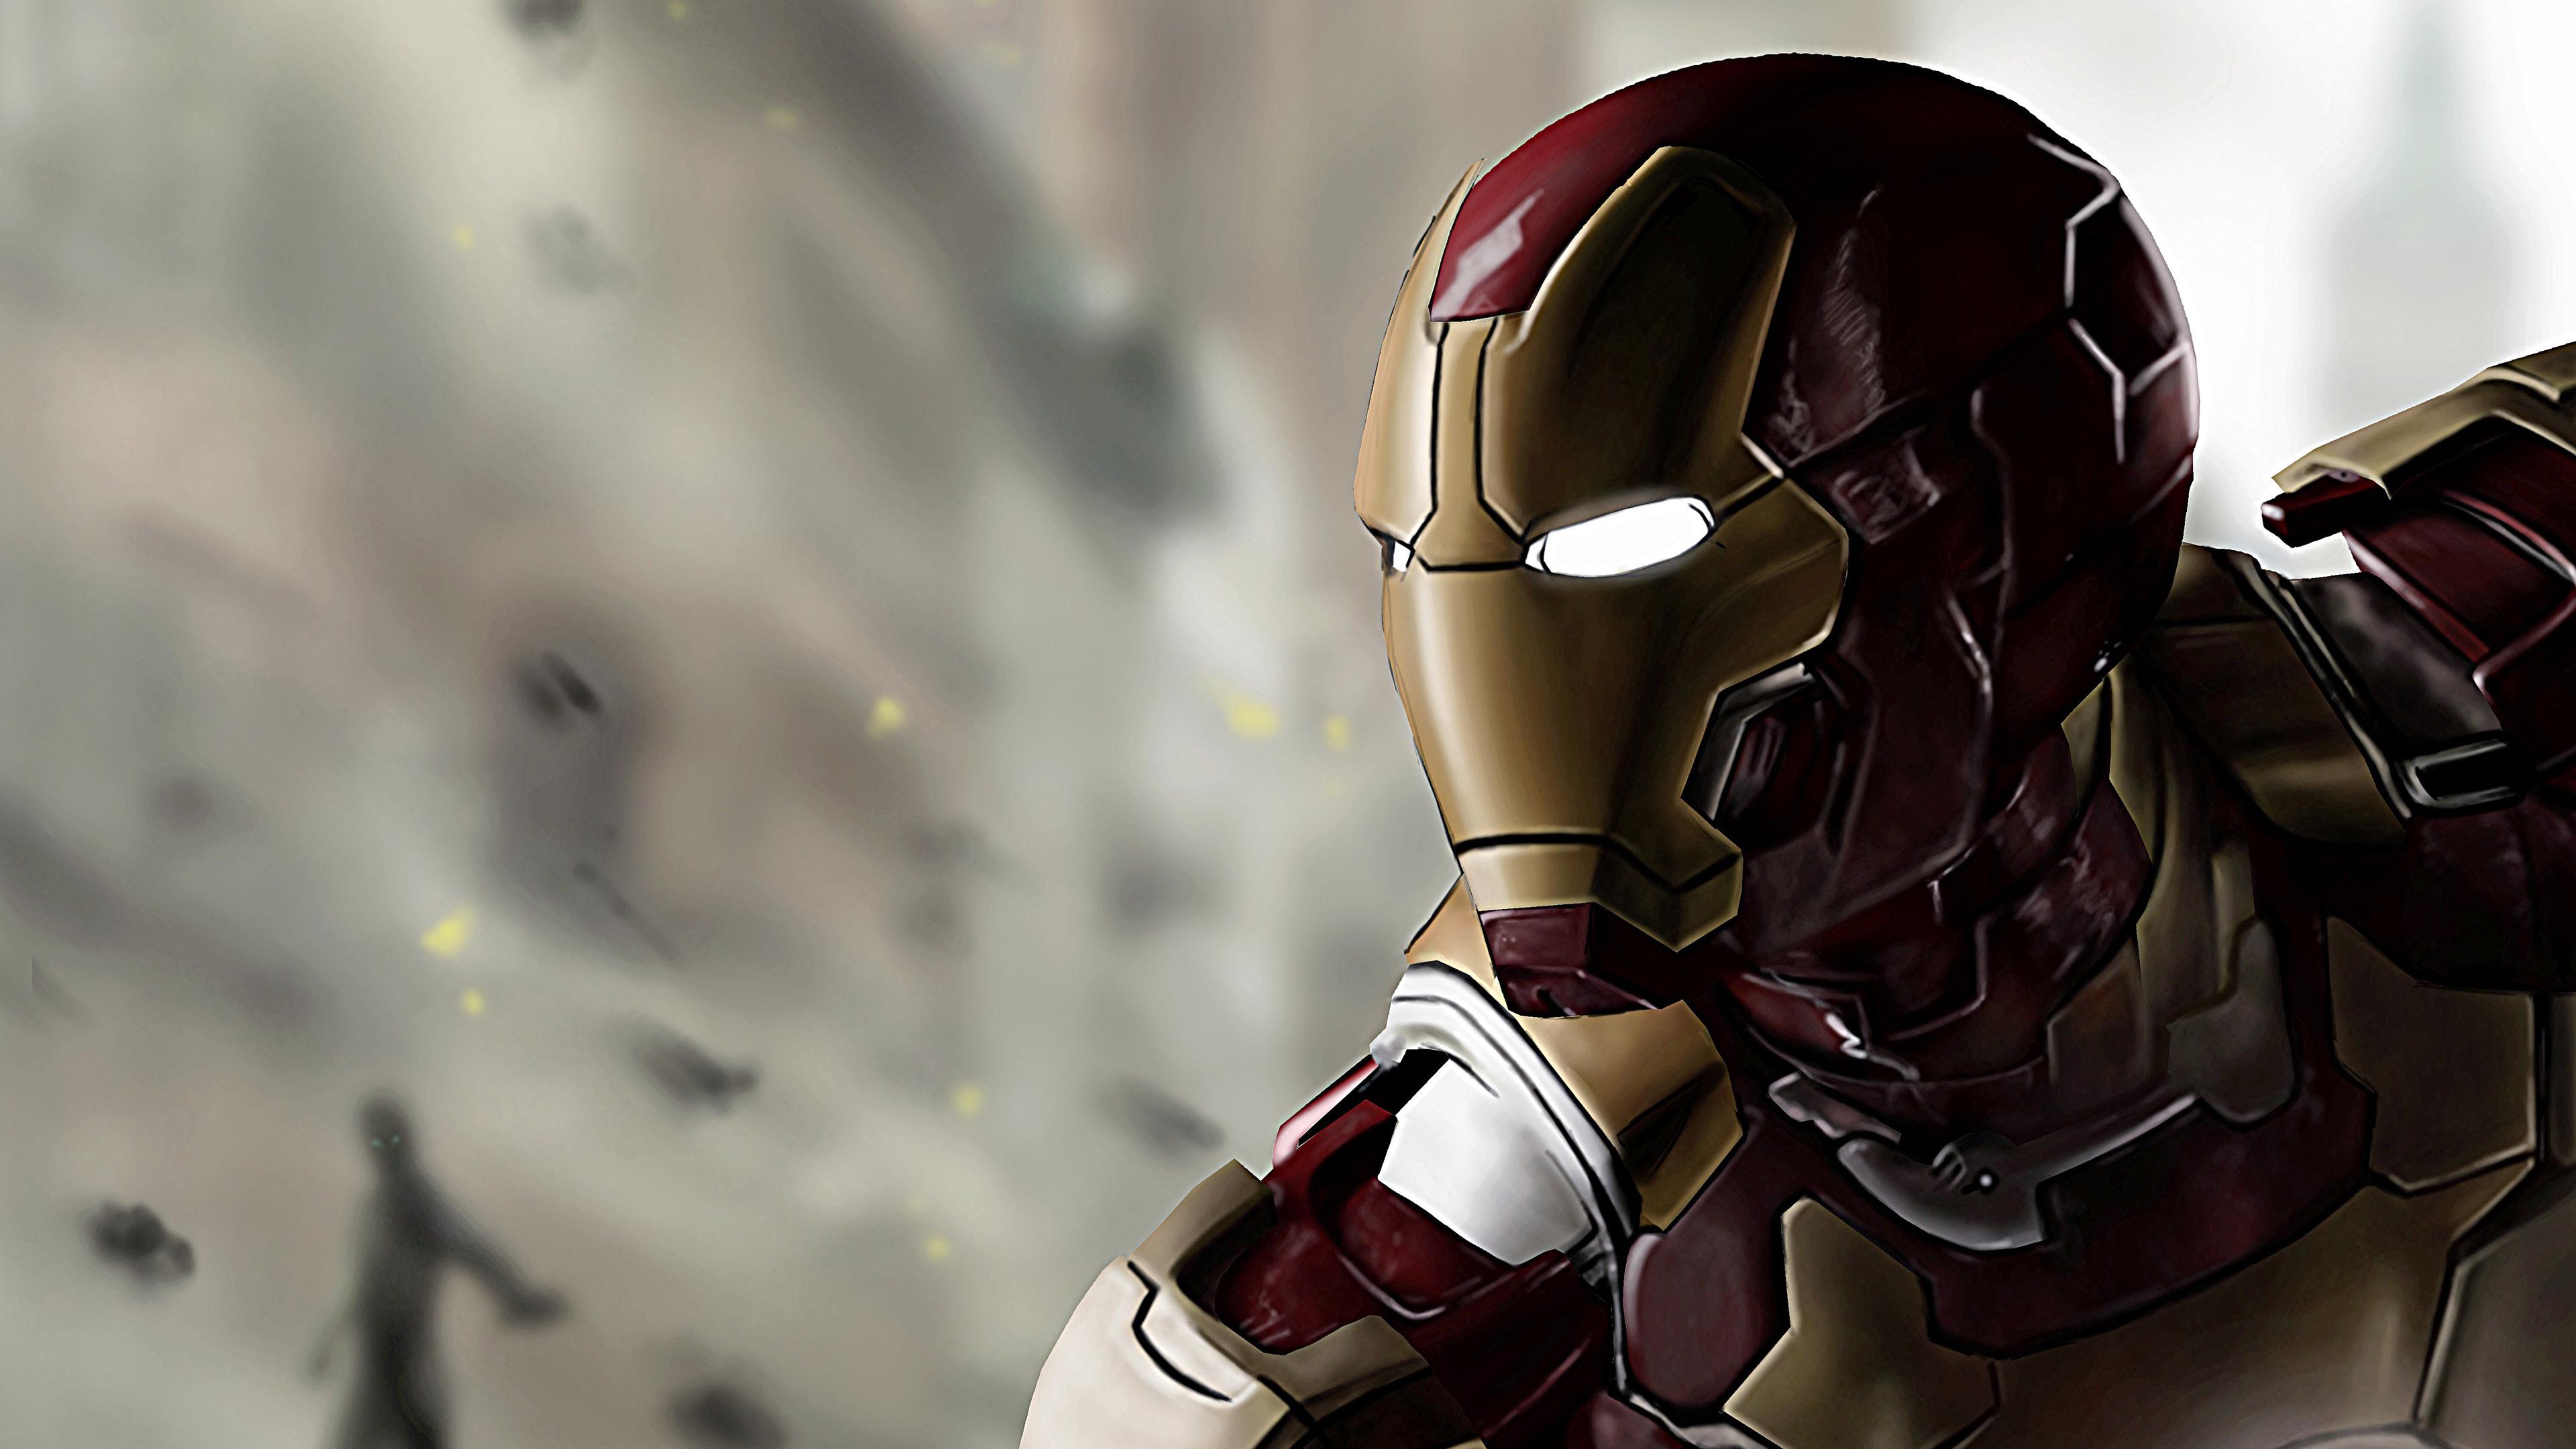 Wallpaper 4k Iron Man In Avengers Age Of Ultron 4k 4k